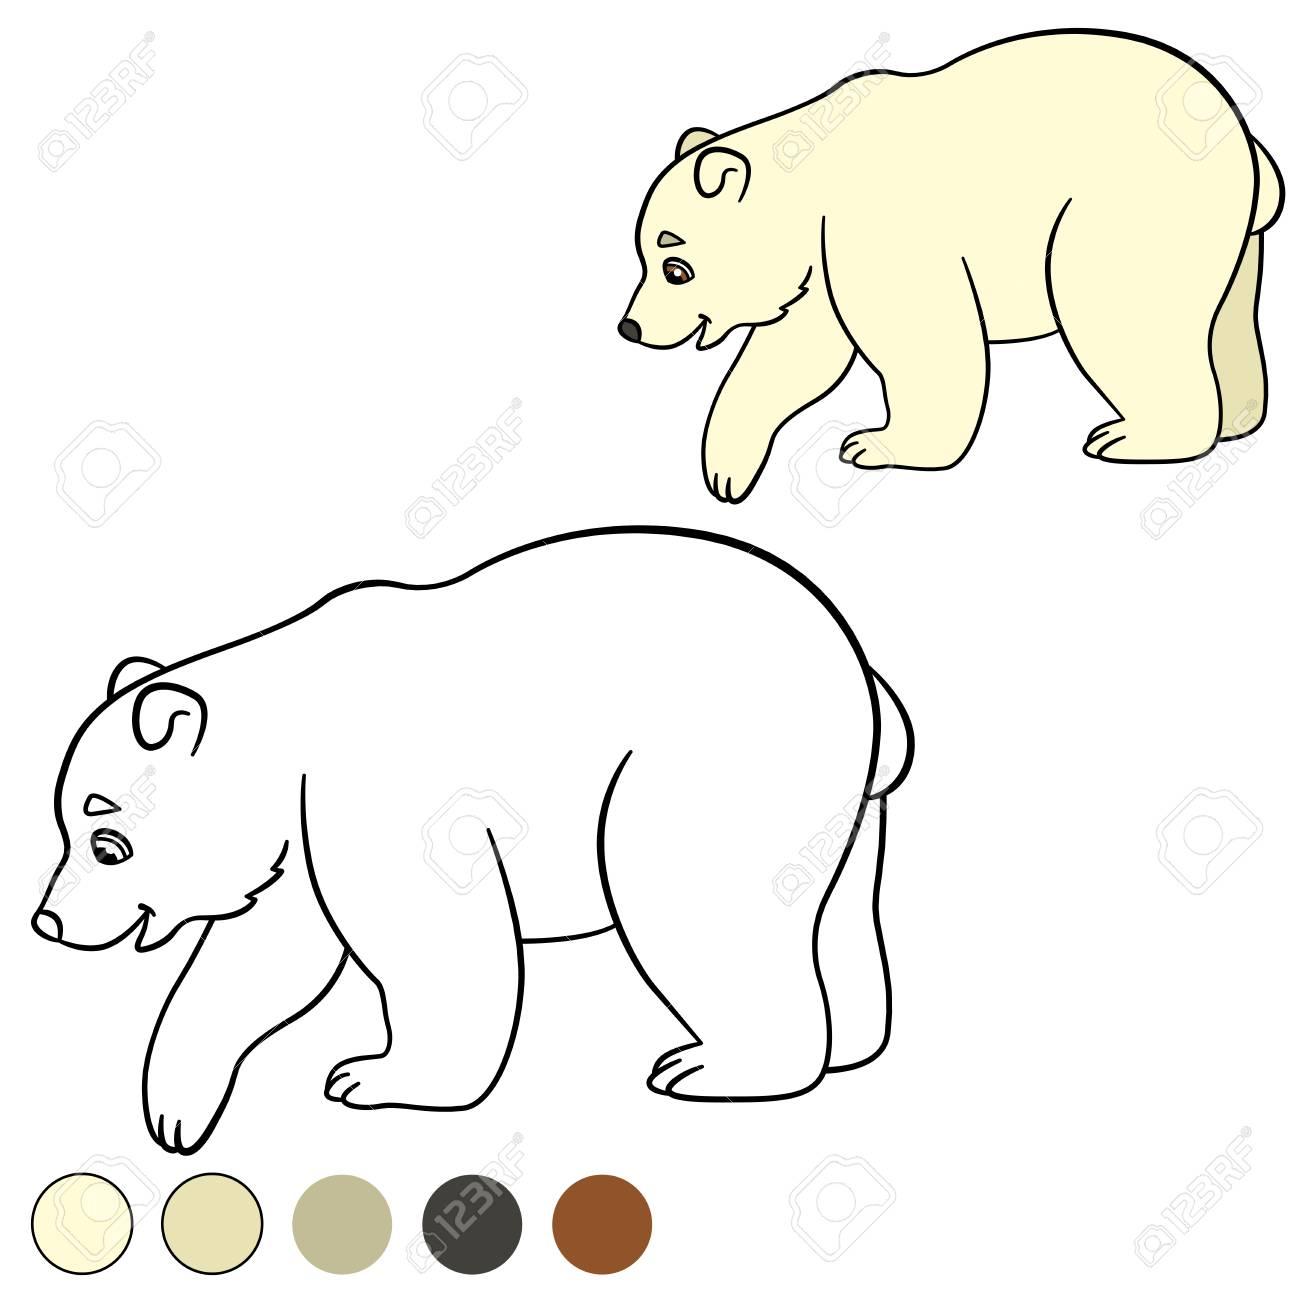 Coloriage Petit Ours Mignon Bebe Ours Polaire Et Sourires Clip Art Libres De Droits Vecteurs Et Illustration Image 63024015